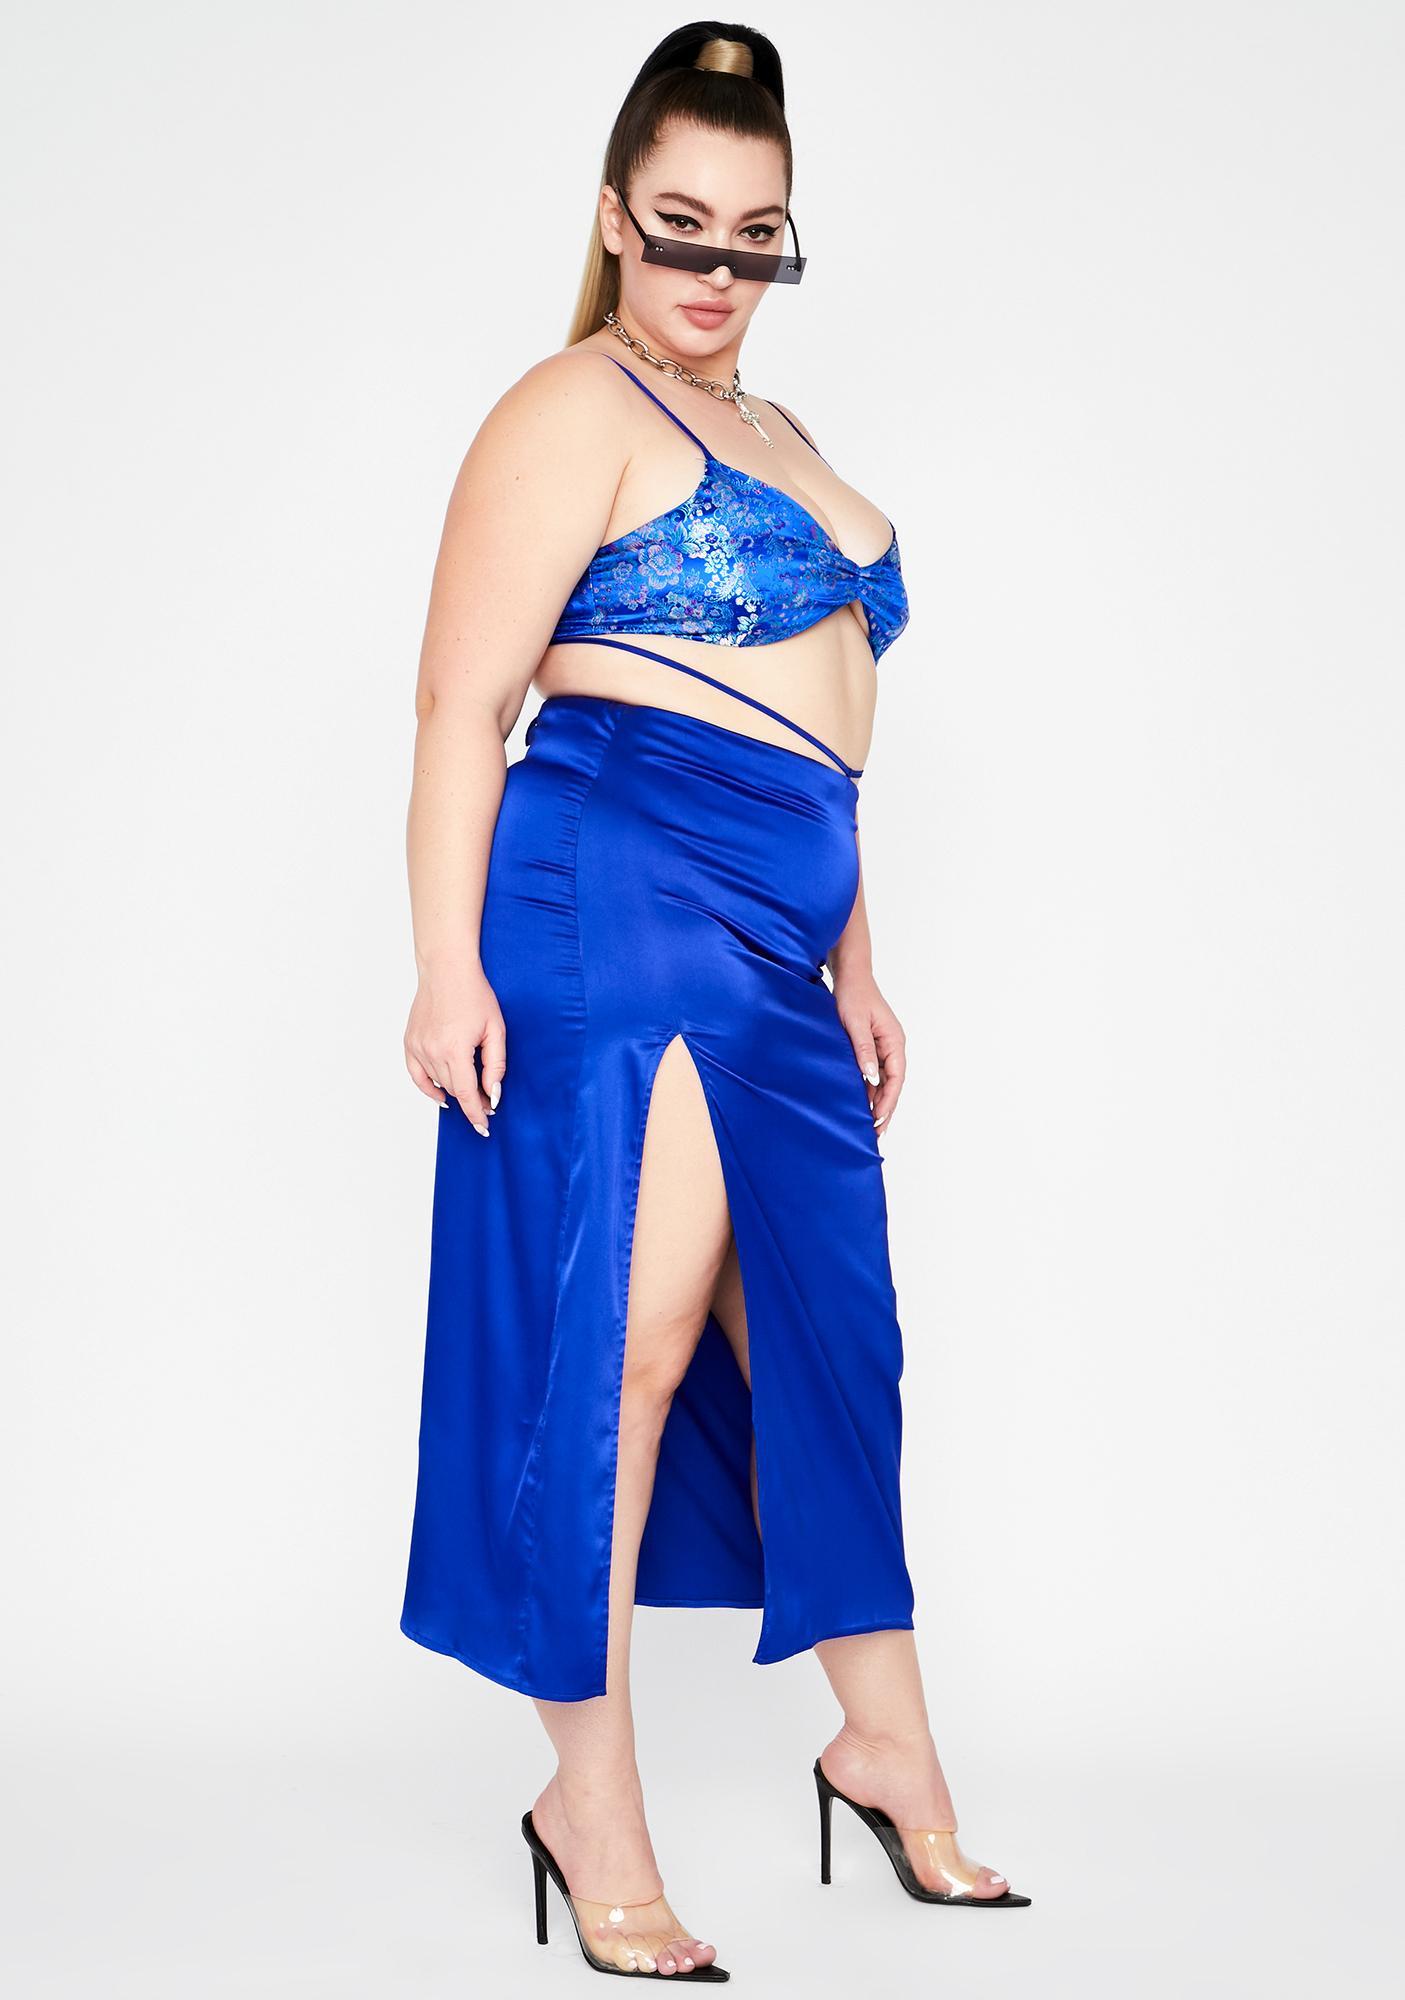 Aqua Lux After Hours Dancer Satin Set